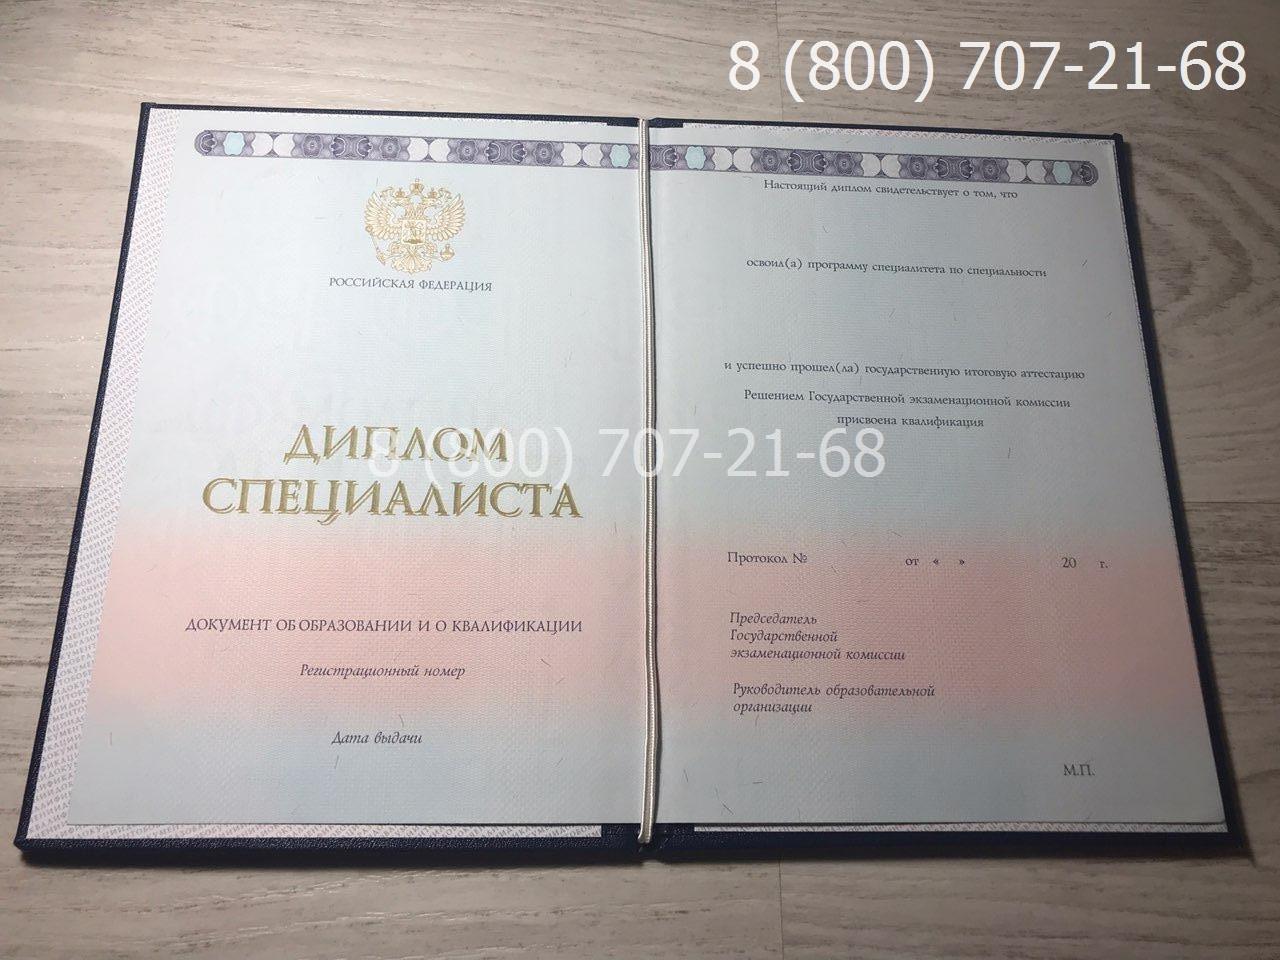 Диплом специалиста 2014-2019 года 1